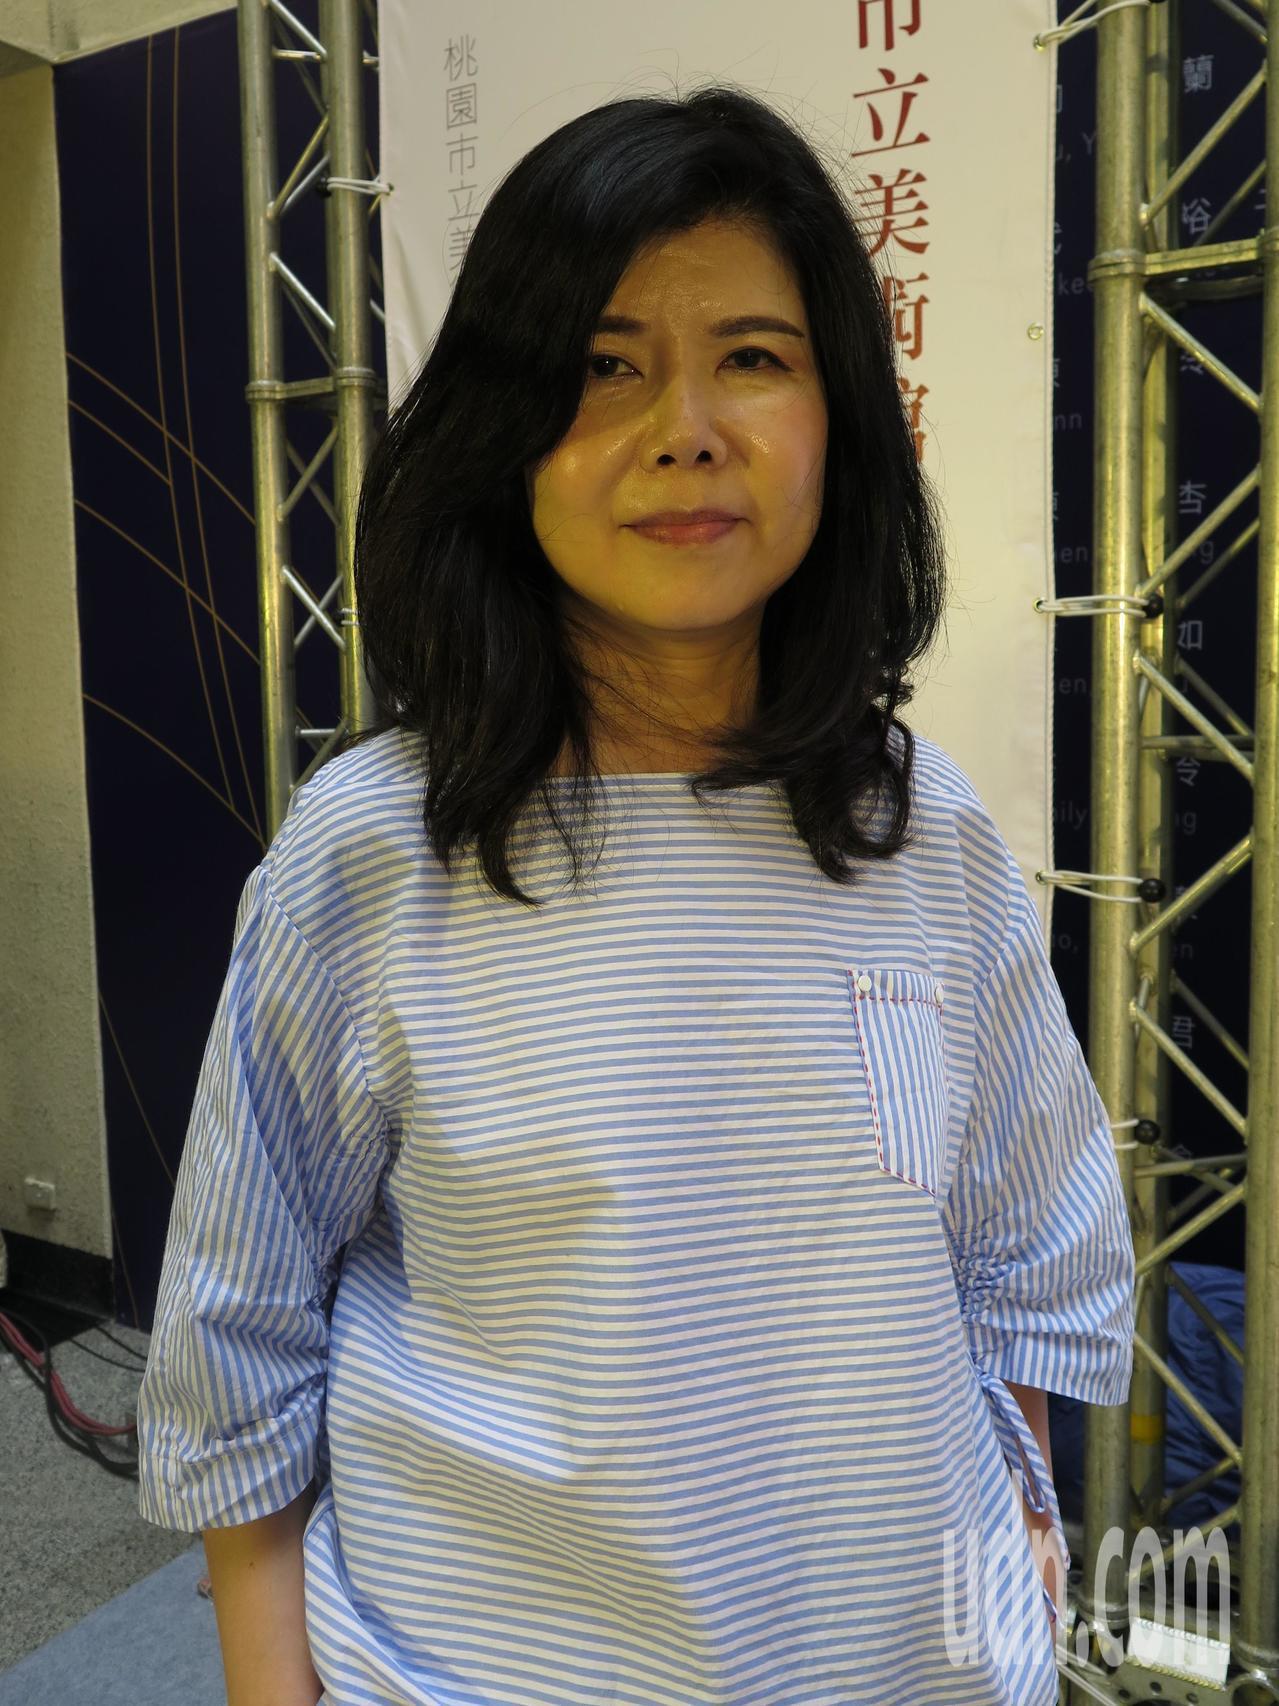 桃園市立美術館長由台藝大雕塑系教授劉俊蘭接任,她曾任台藝大藝術博物館館長、彰師大...